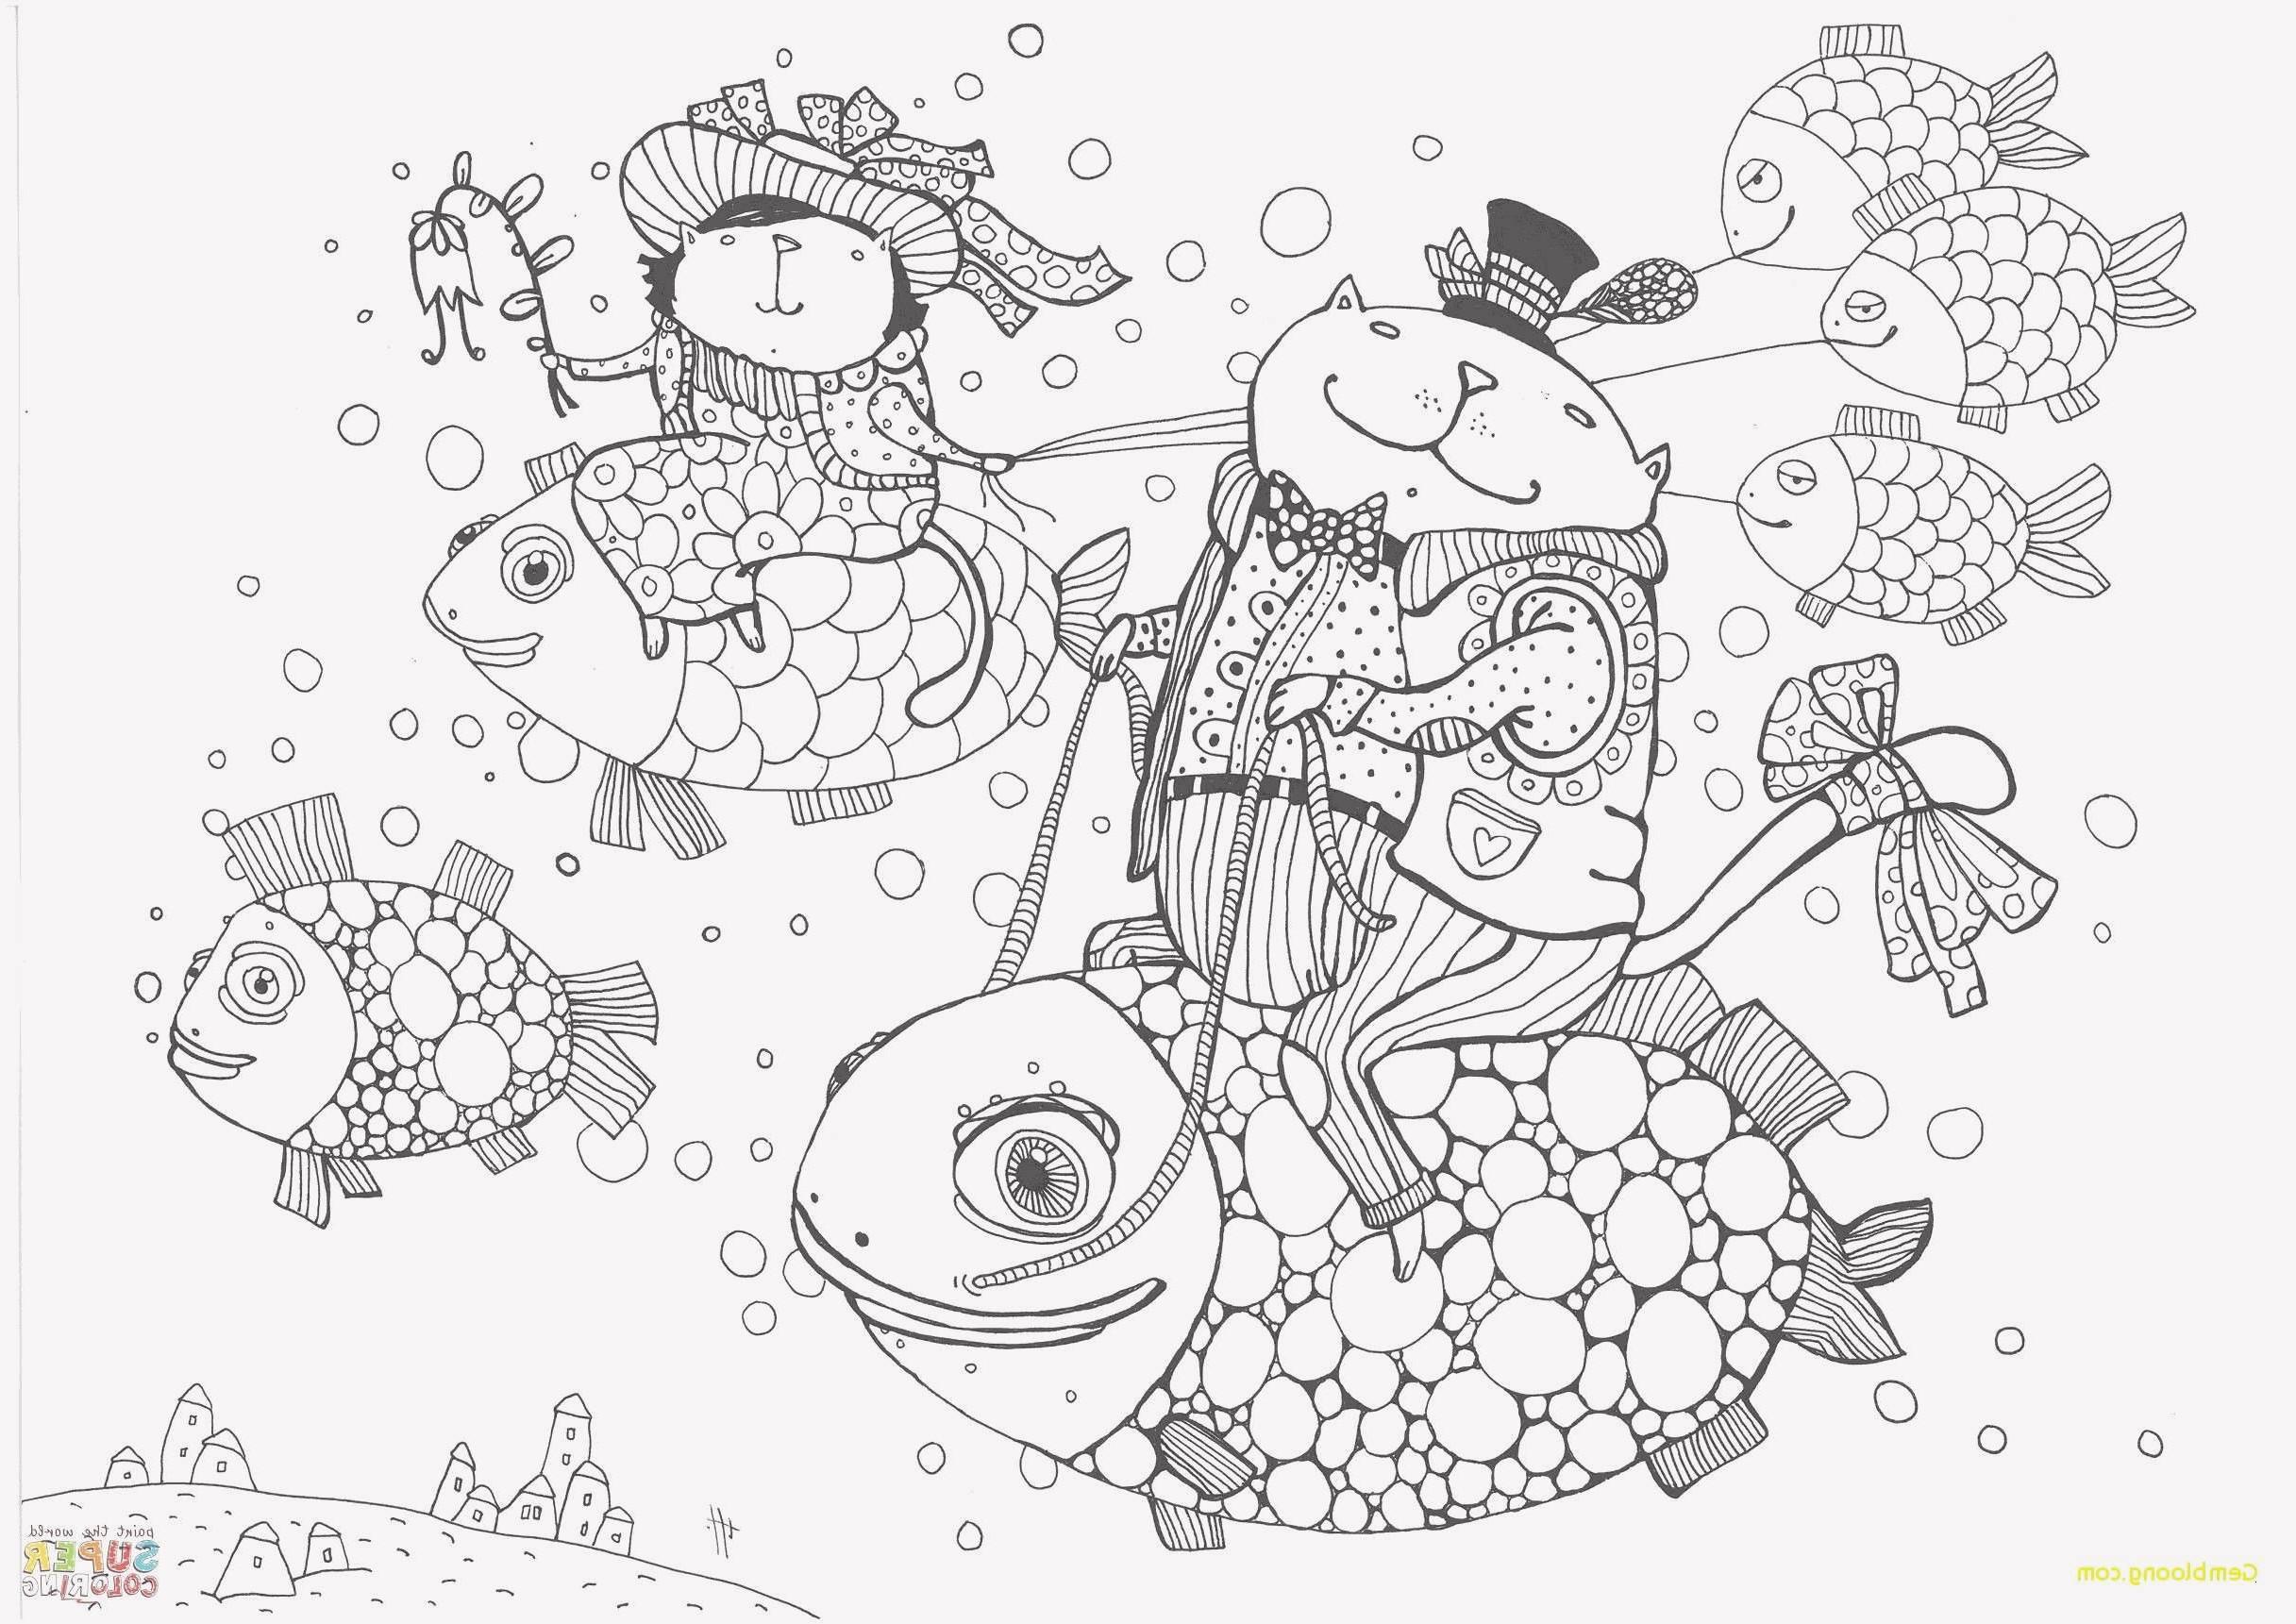 Einhorn Ausmalbilder Zum Ausdrucken Kostenlos Inspirierend 31 Frisch Einhorn Ausmalbilder – Malvorlagen Ideen Sammlung